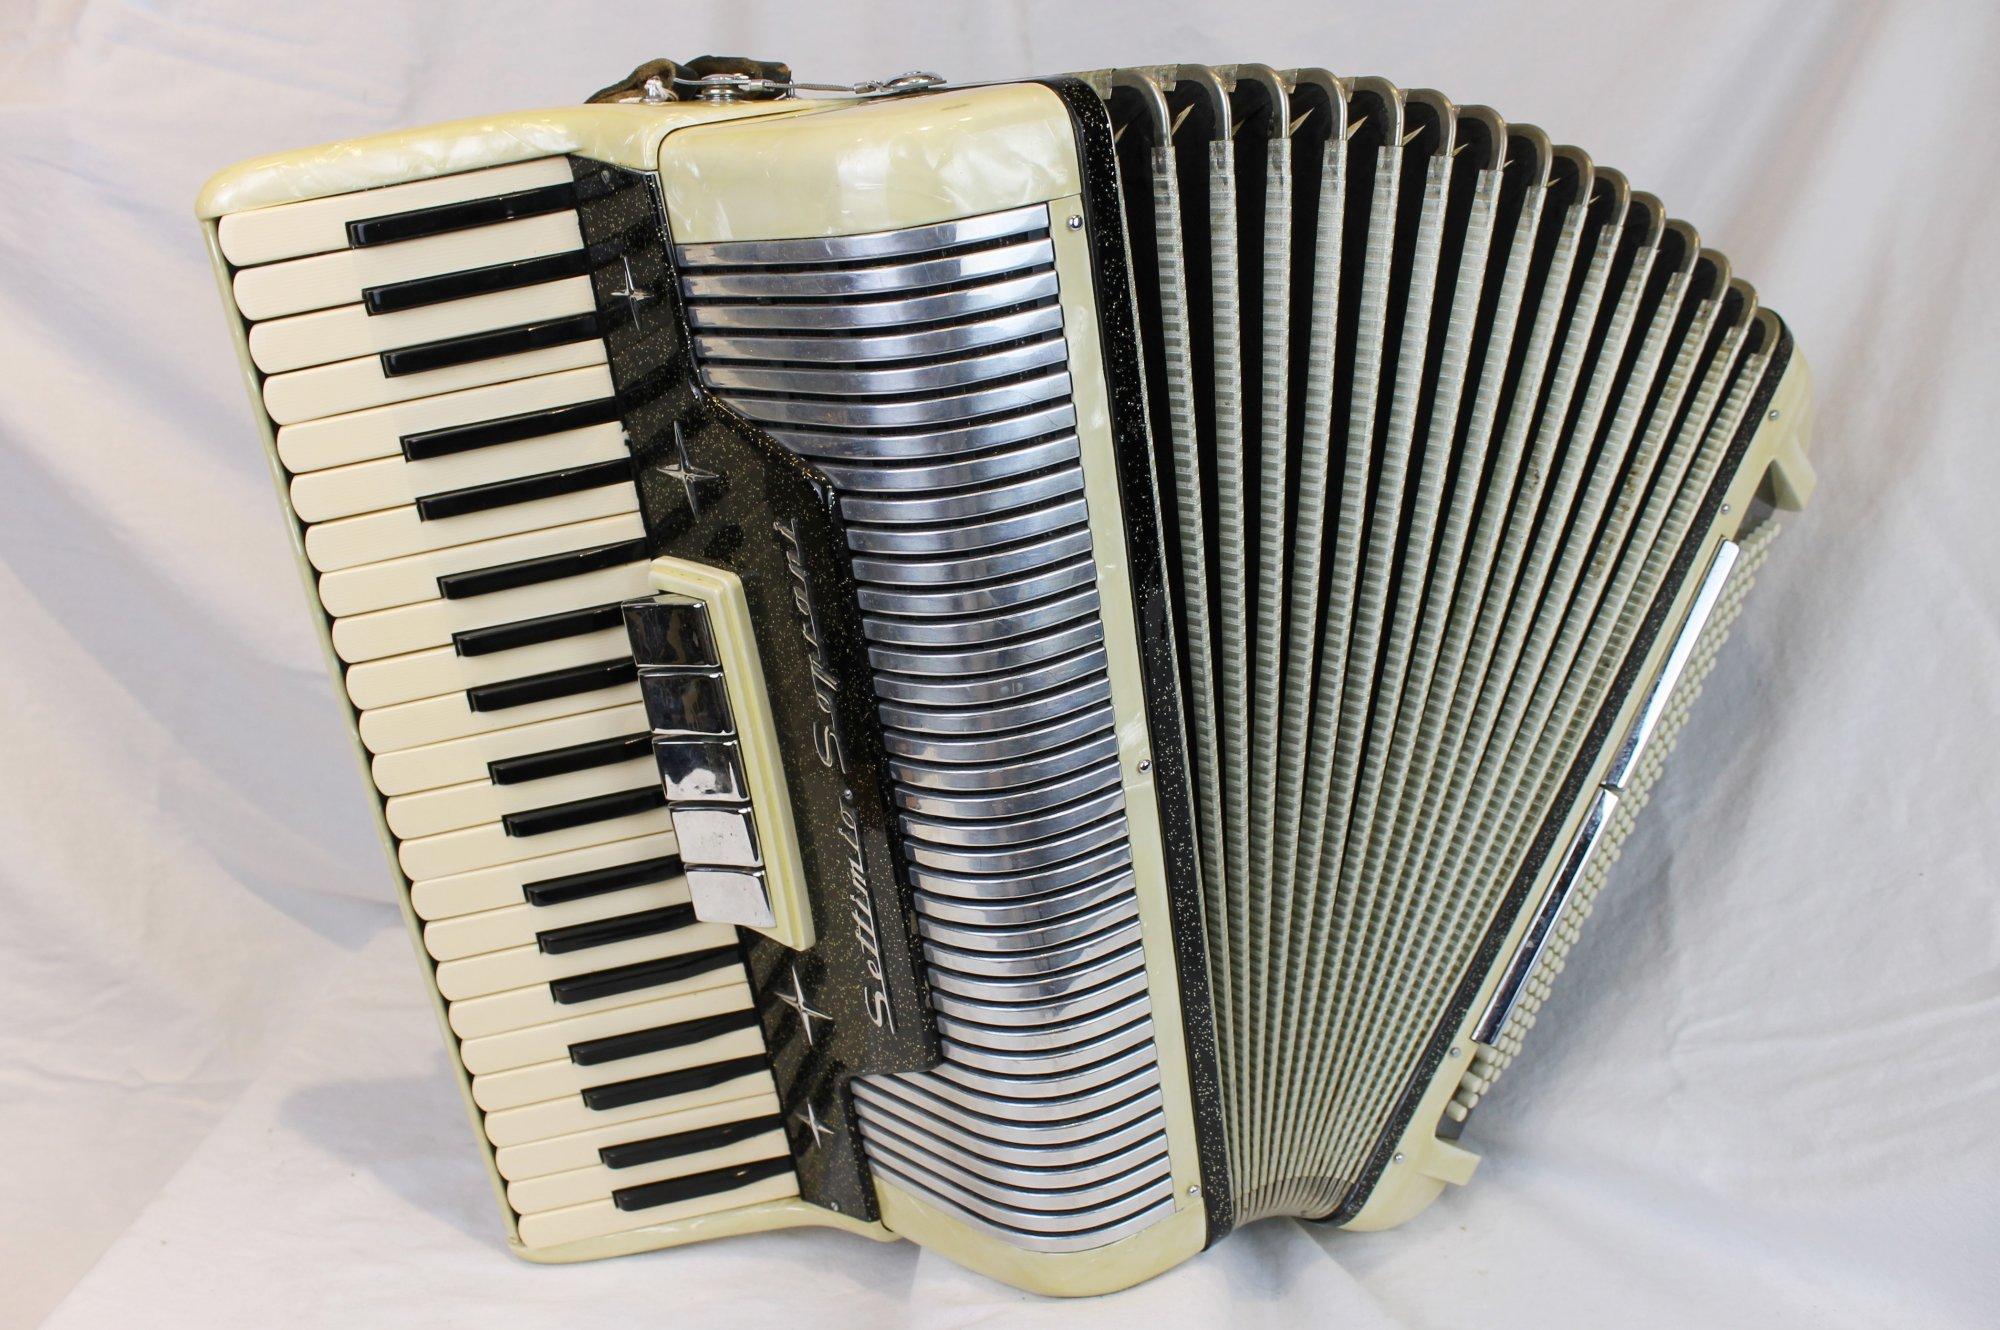 3927 - Black and Tan Settimio Soprani Piano Accordion LMH 41 120